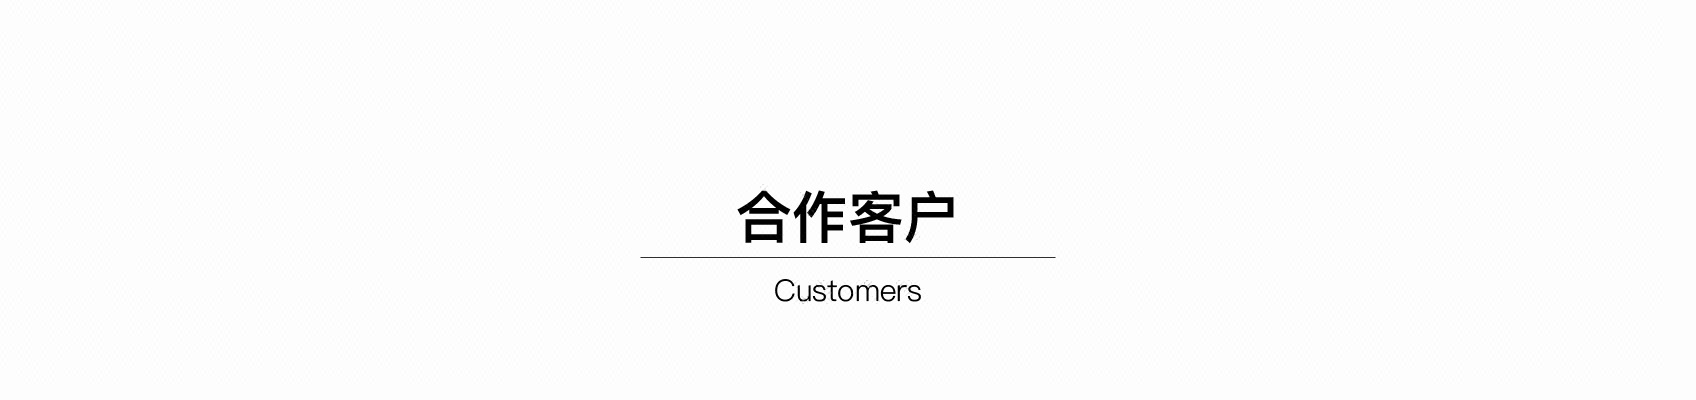 LOGO_字体设计文字logo公司企业品牌标志图标设计3